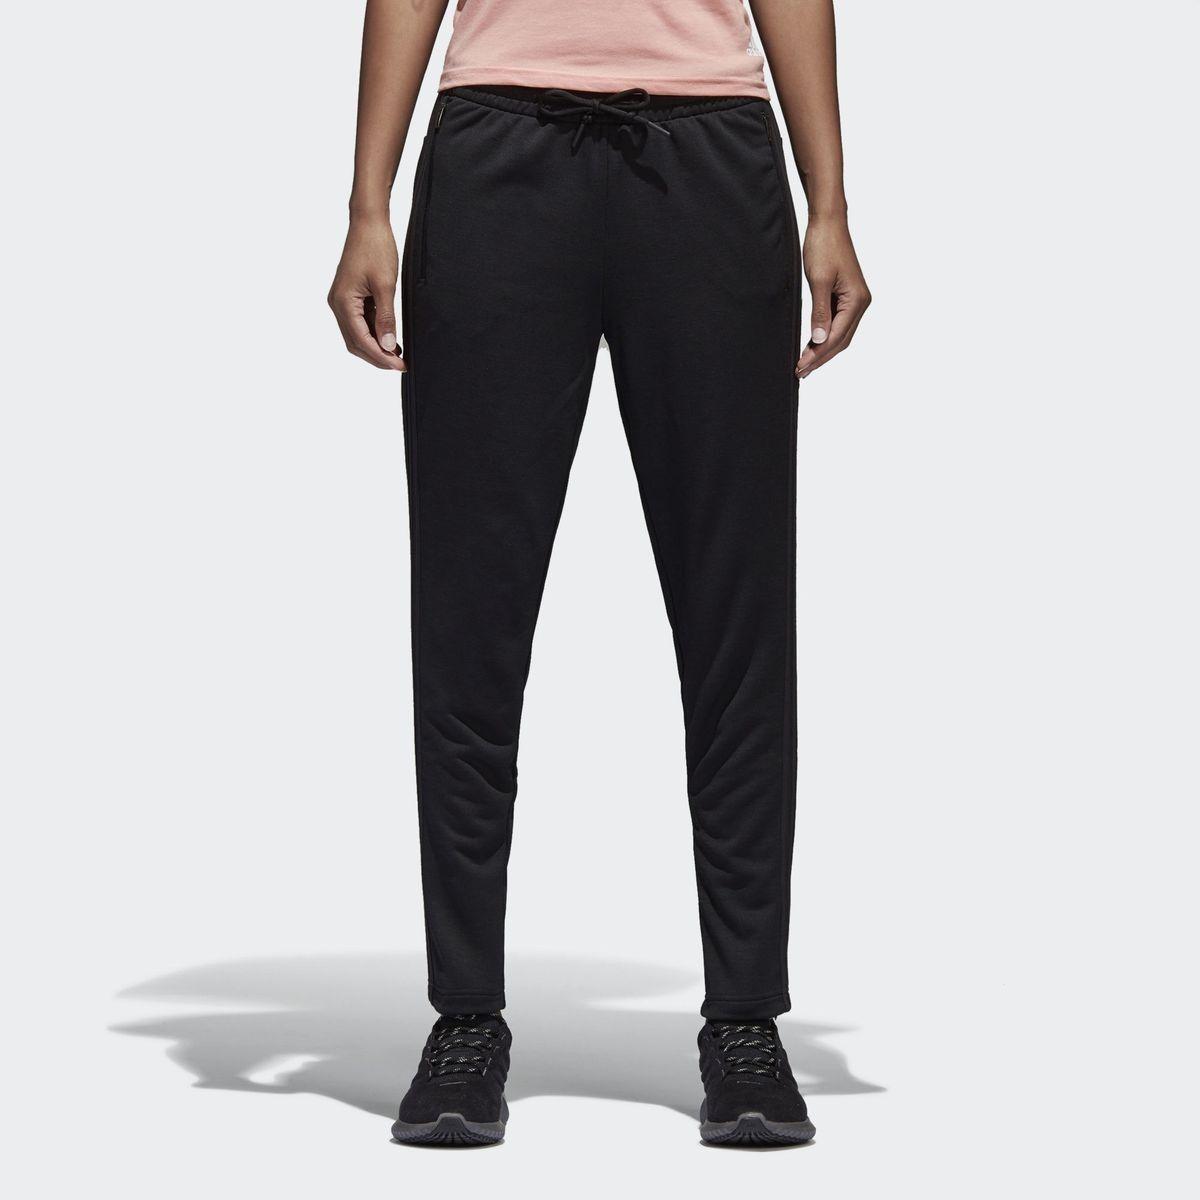 nouveau produit c1e6b f2541 Pantalon Adidas Id Striker Noir Femme - Taille : 42 ...